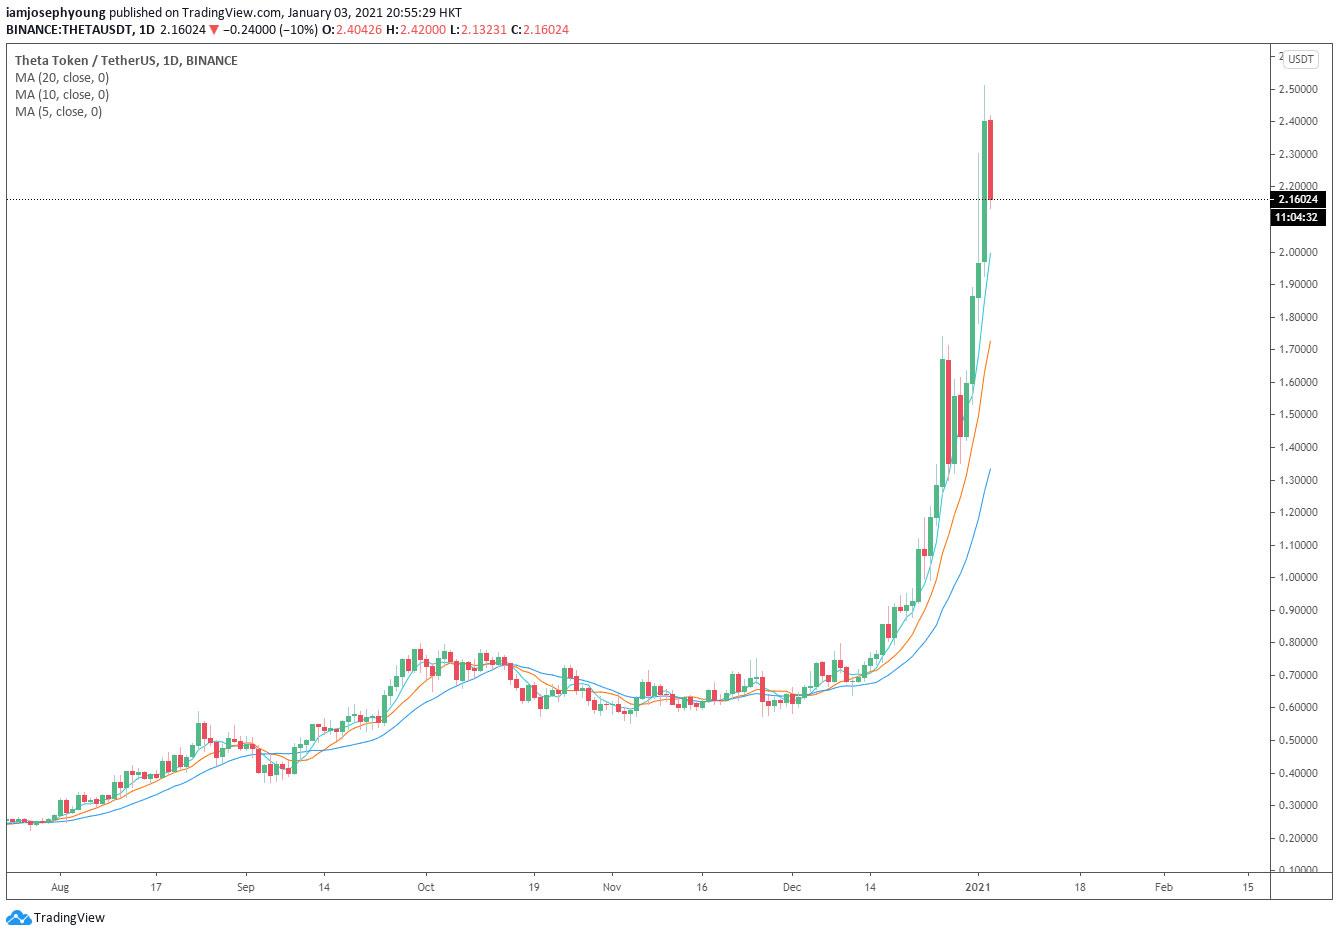 نمودار روزانه تتا/ دلار تتر